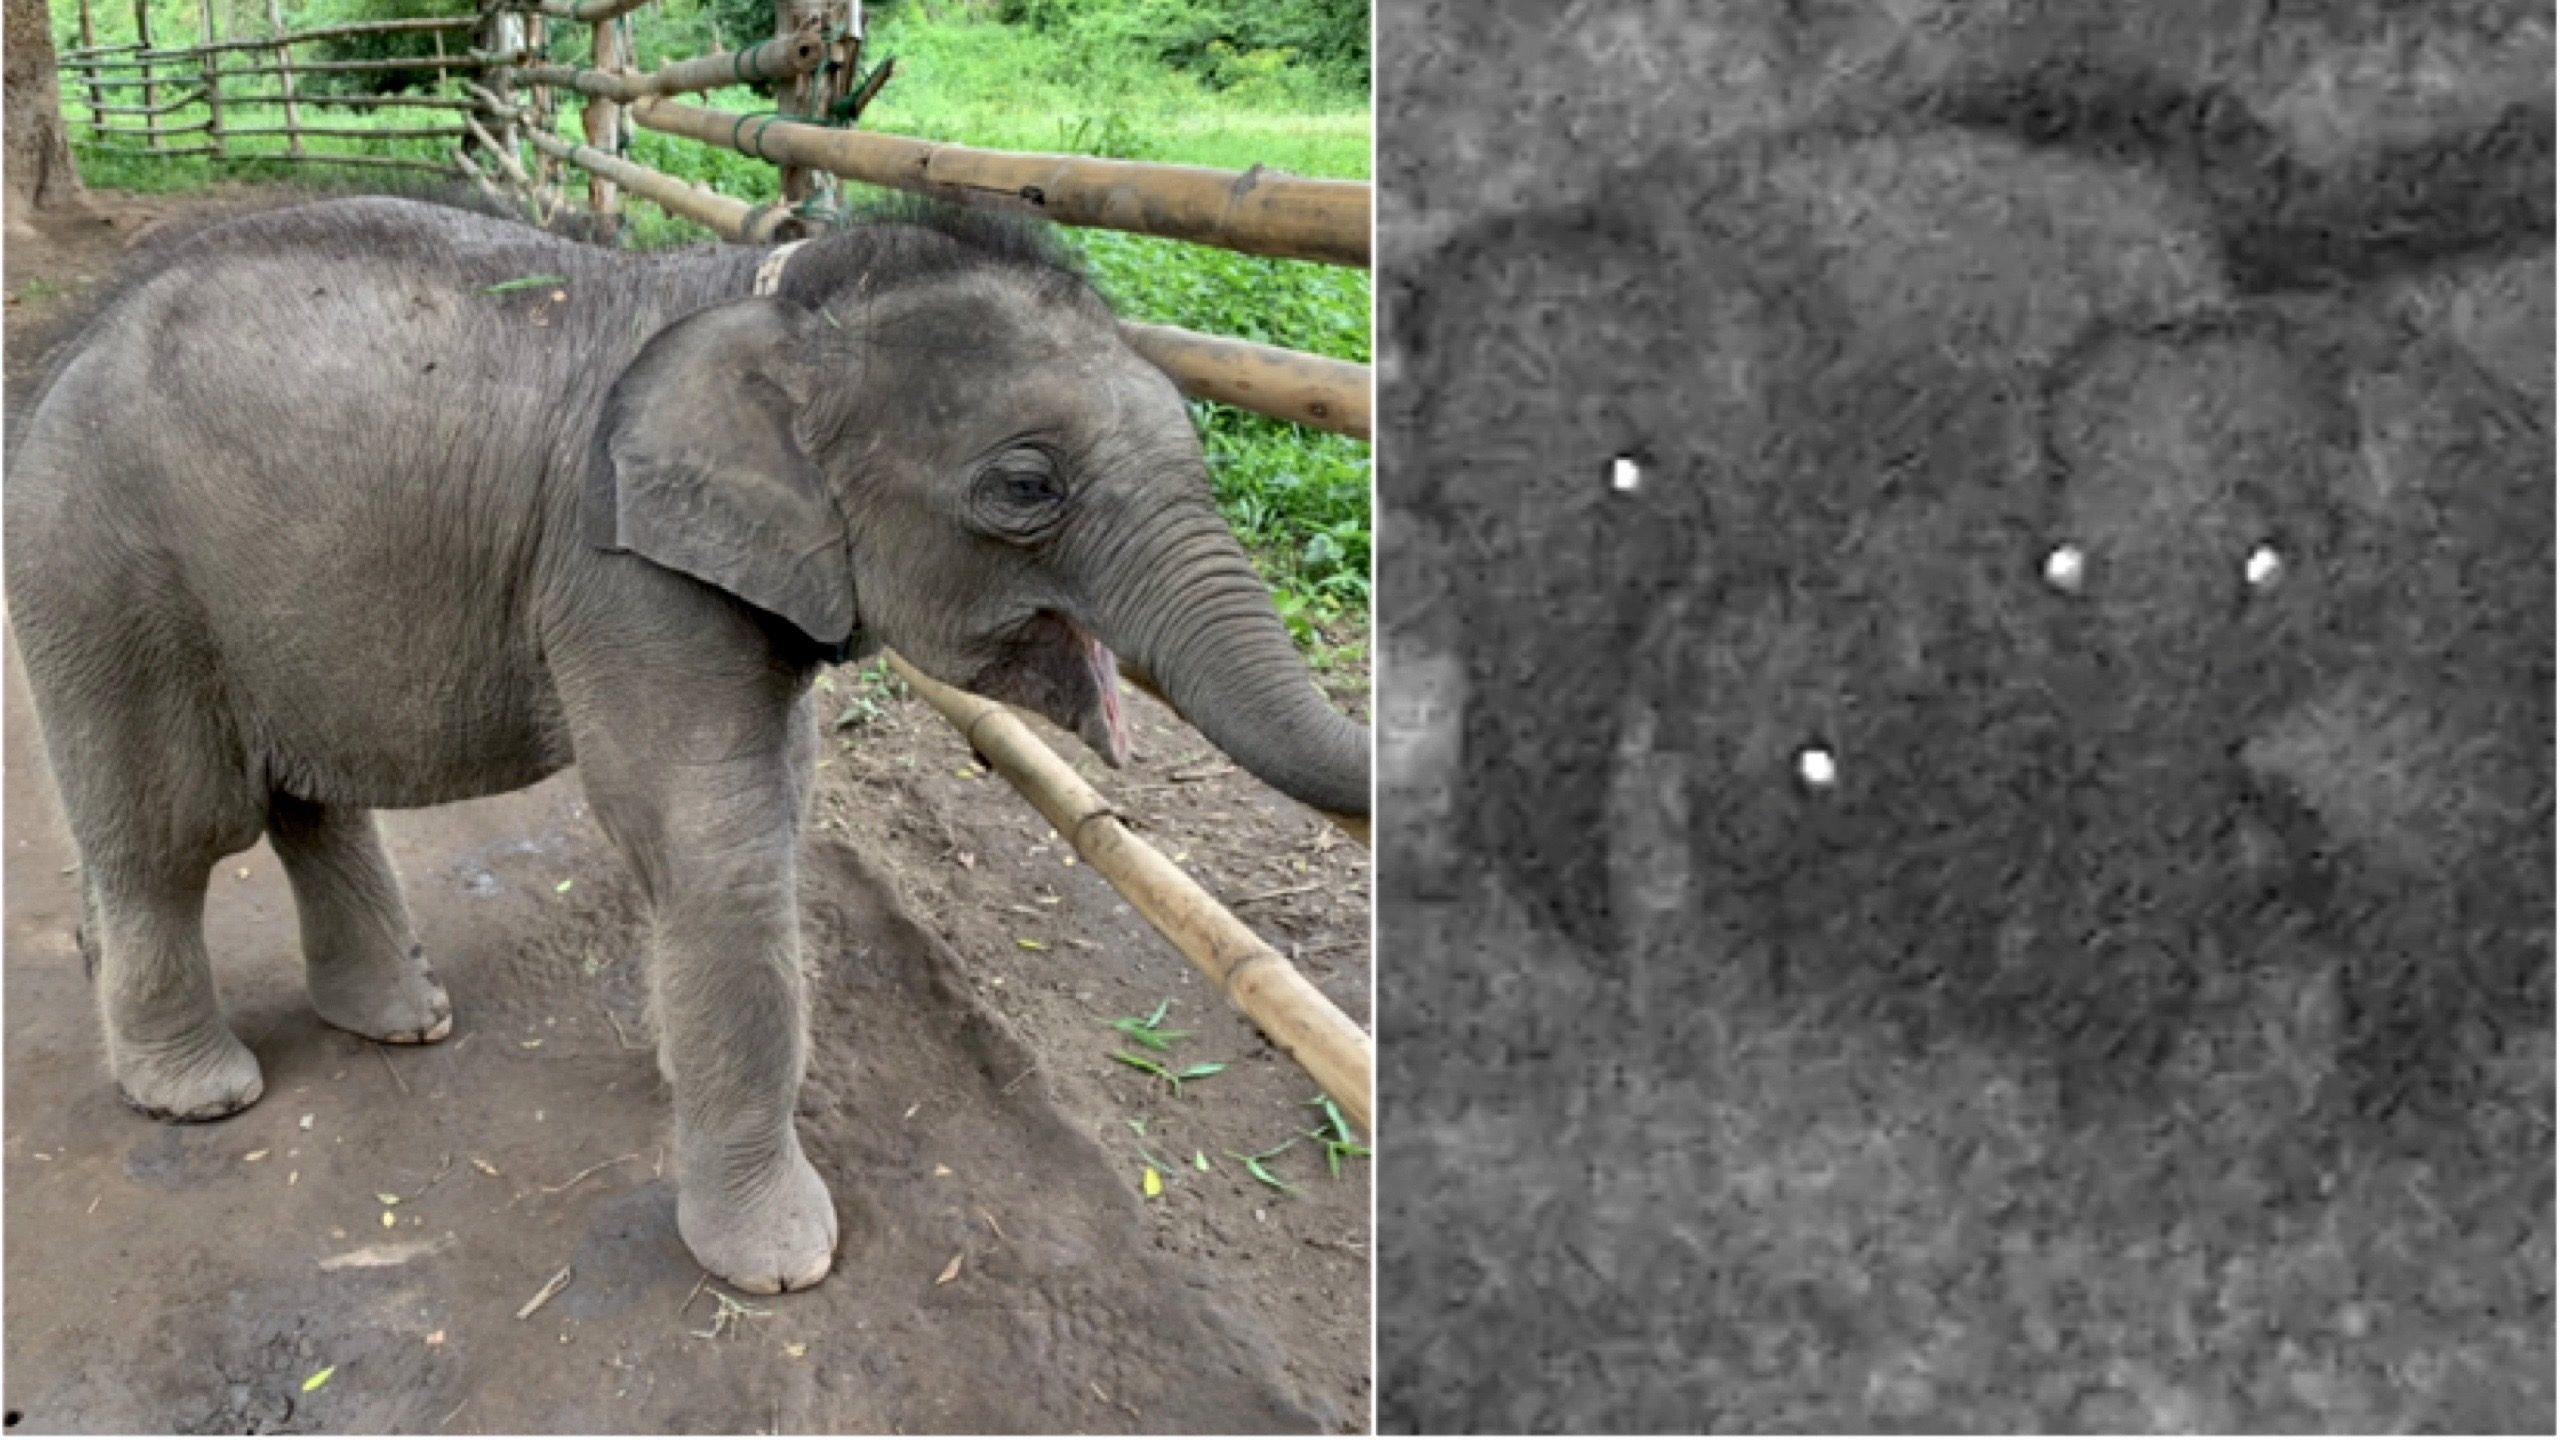 ลูกช้างพลัดหลงห้วยขาแข้งยังดื้อ ไม่ยอมกลับไปกับโขลงแม่ช้าง